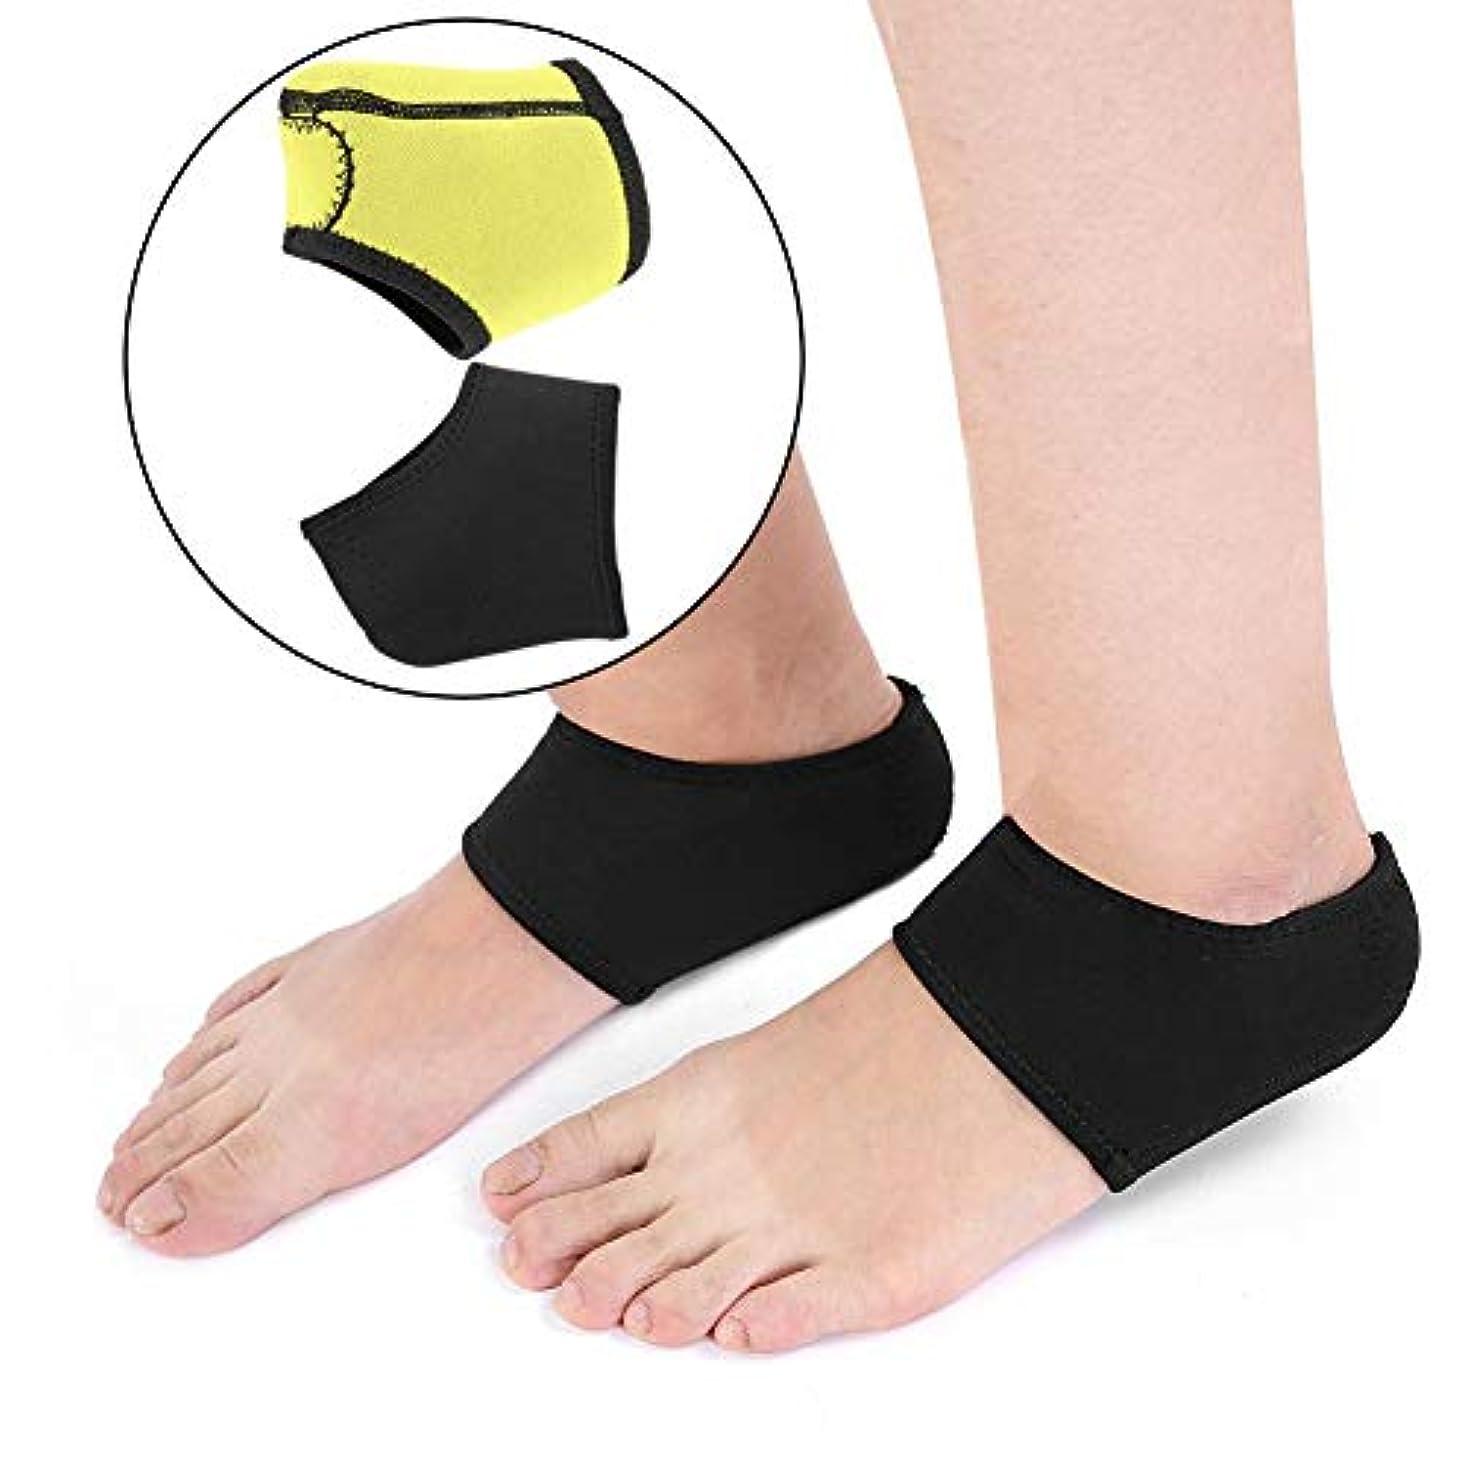 電卓ブロックデクリメント1ペア かかとカバー ソックス サポーター ヒール保護 足底筋膜炎足痛緩和スリーブラップ足首ケアサポートヒール保護靴下